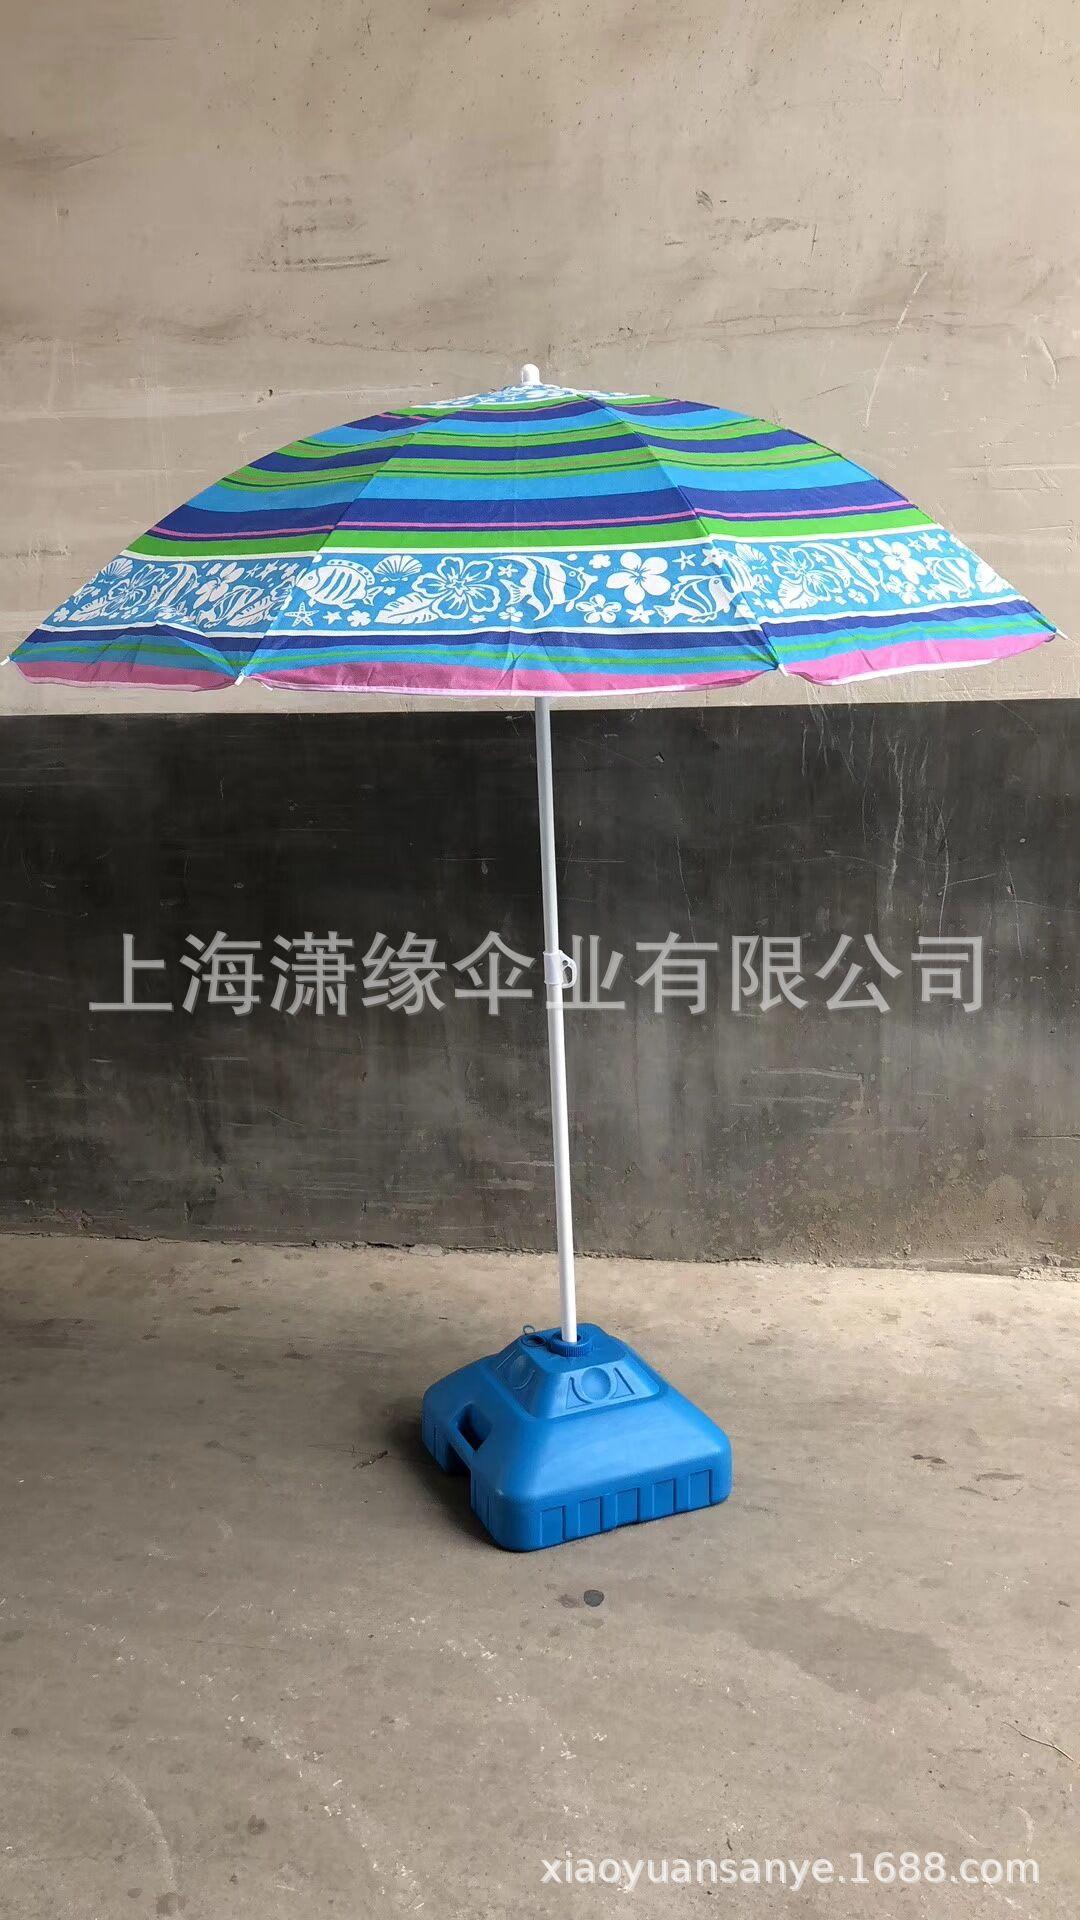 定制纤维骨沙滩伞、海滩遮阳伞印刷logo